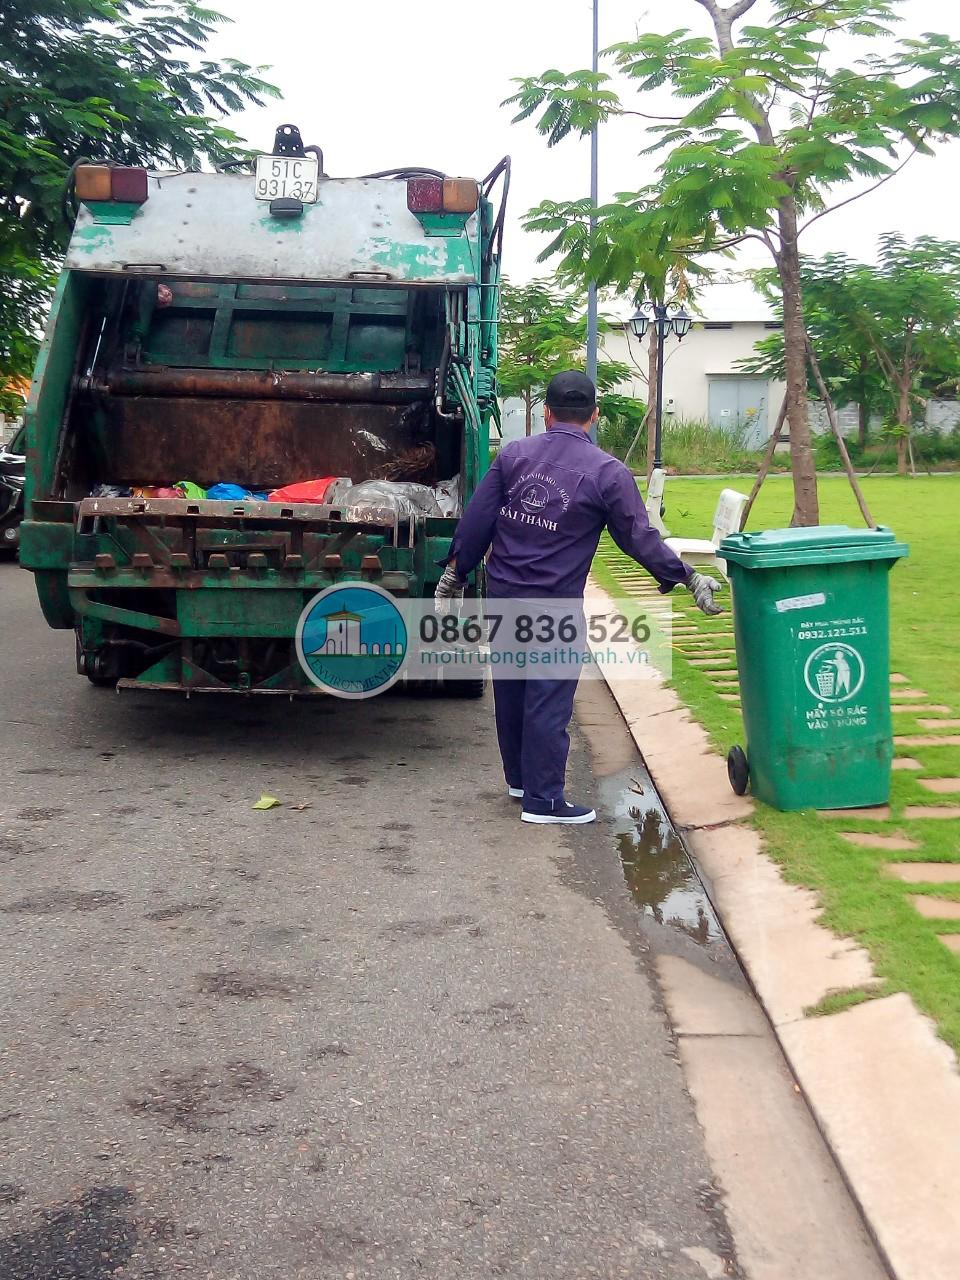 Tổ chức thu gom rác sinh hoạt tại các công viên